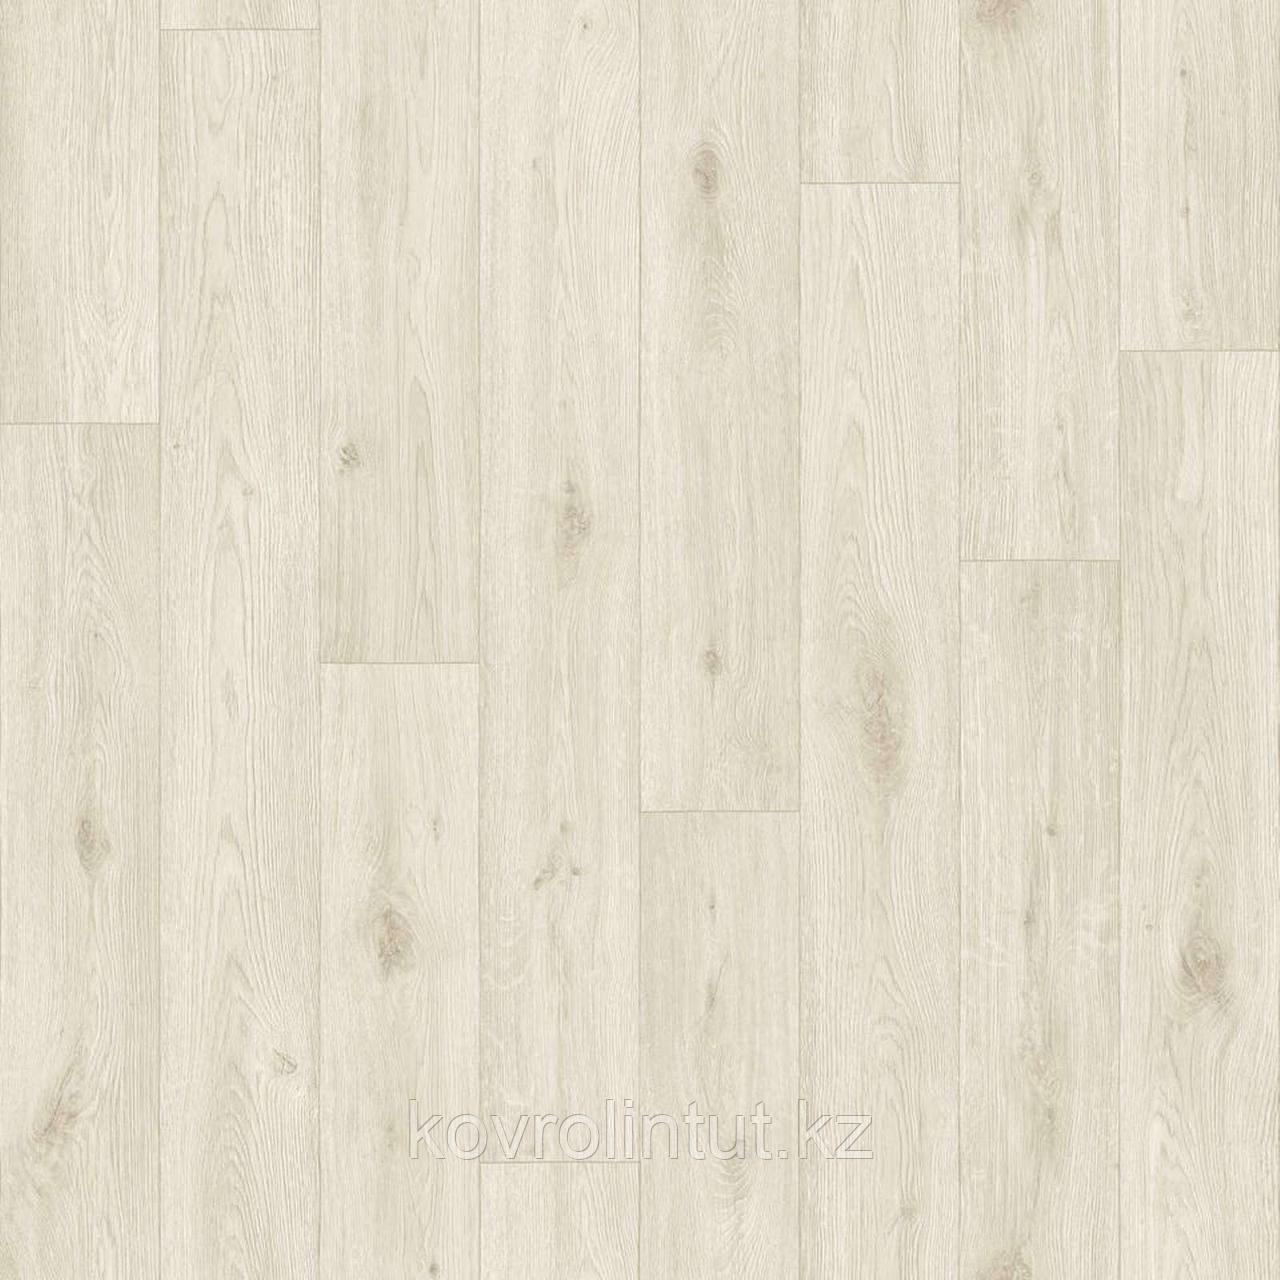 Линолеум Tarkett бытовой усиленный Absolut Tudor 1 3 м